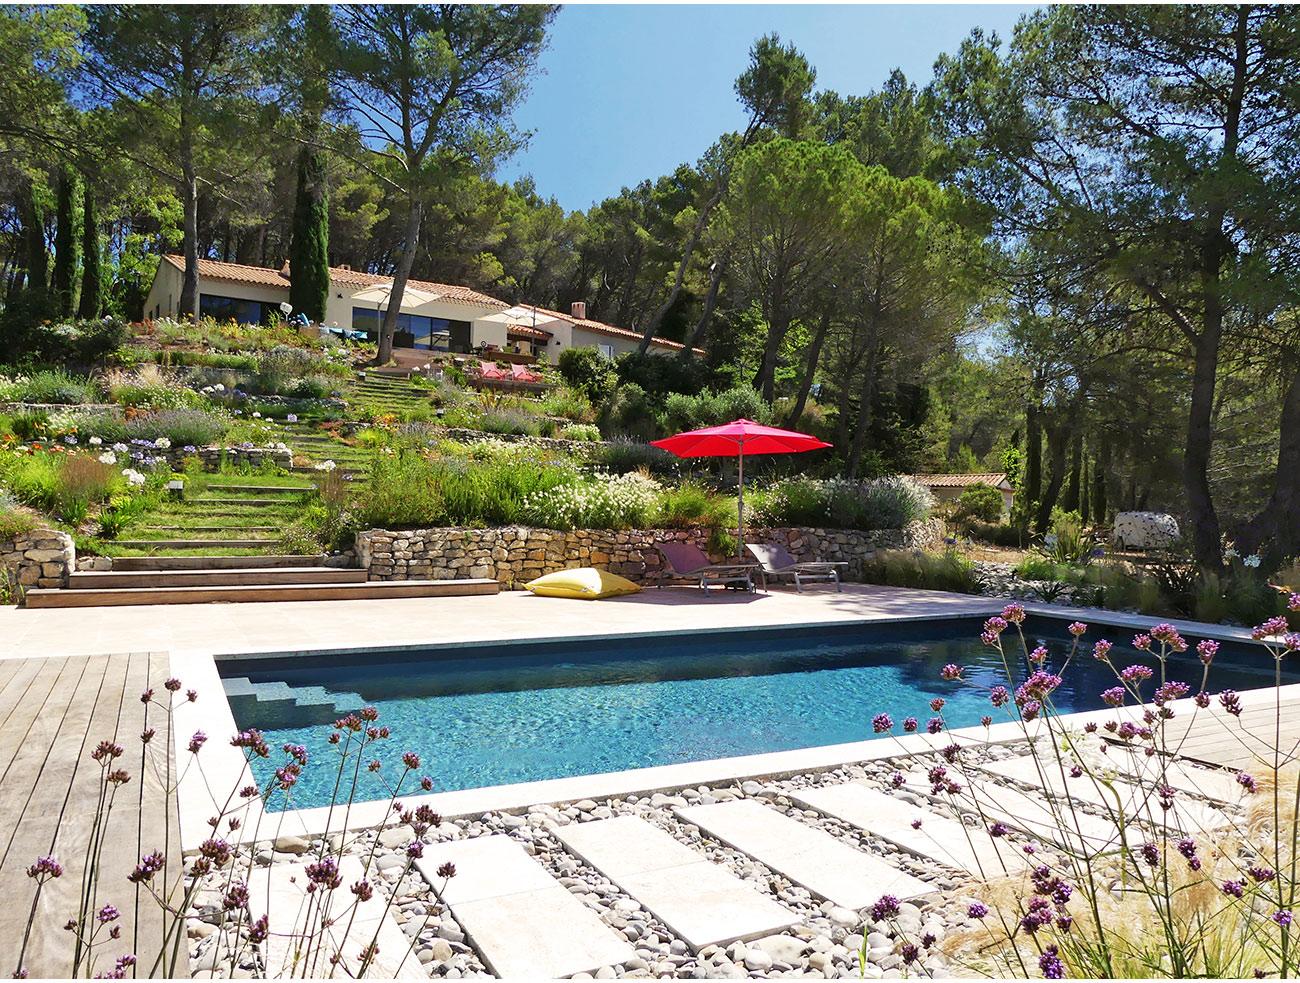 Atelier Naudier - Architecte paysagiste concepteur - Montpellier et Aix en Provence - Jardin en pente - Jardin de bords de piscine - aménagement jardin